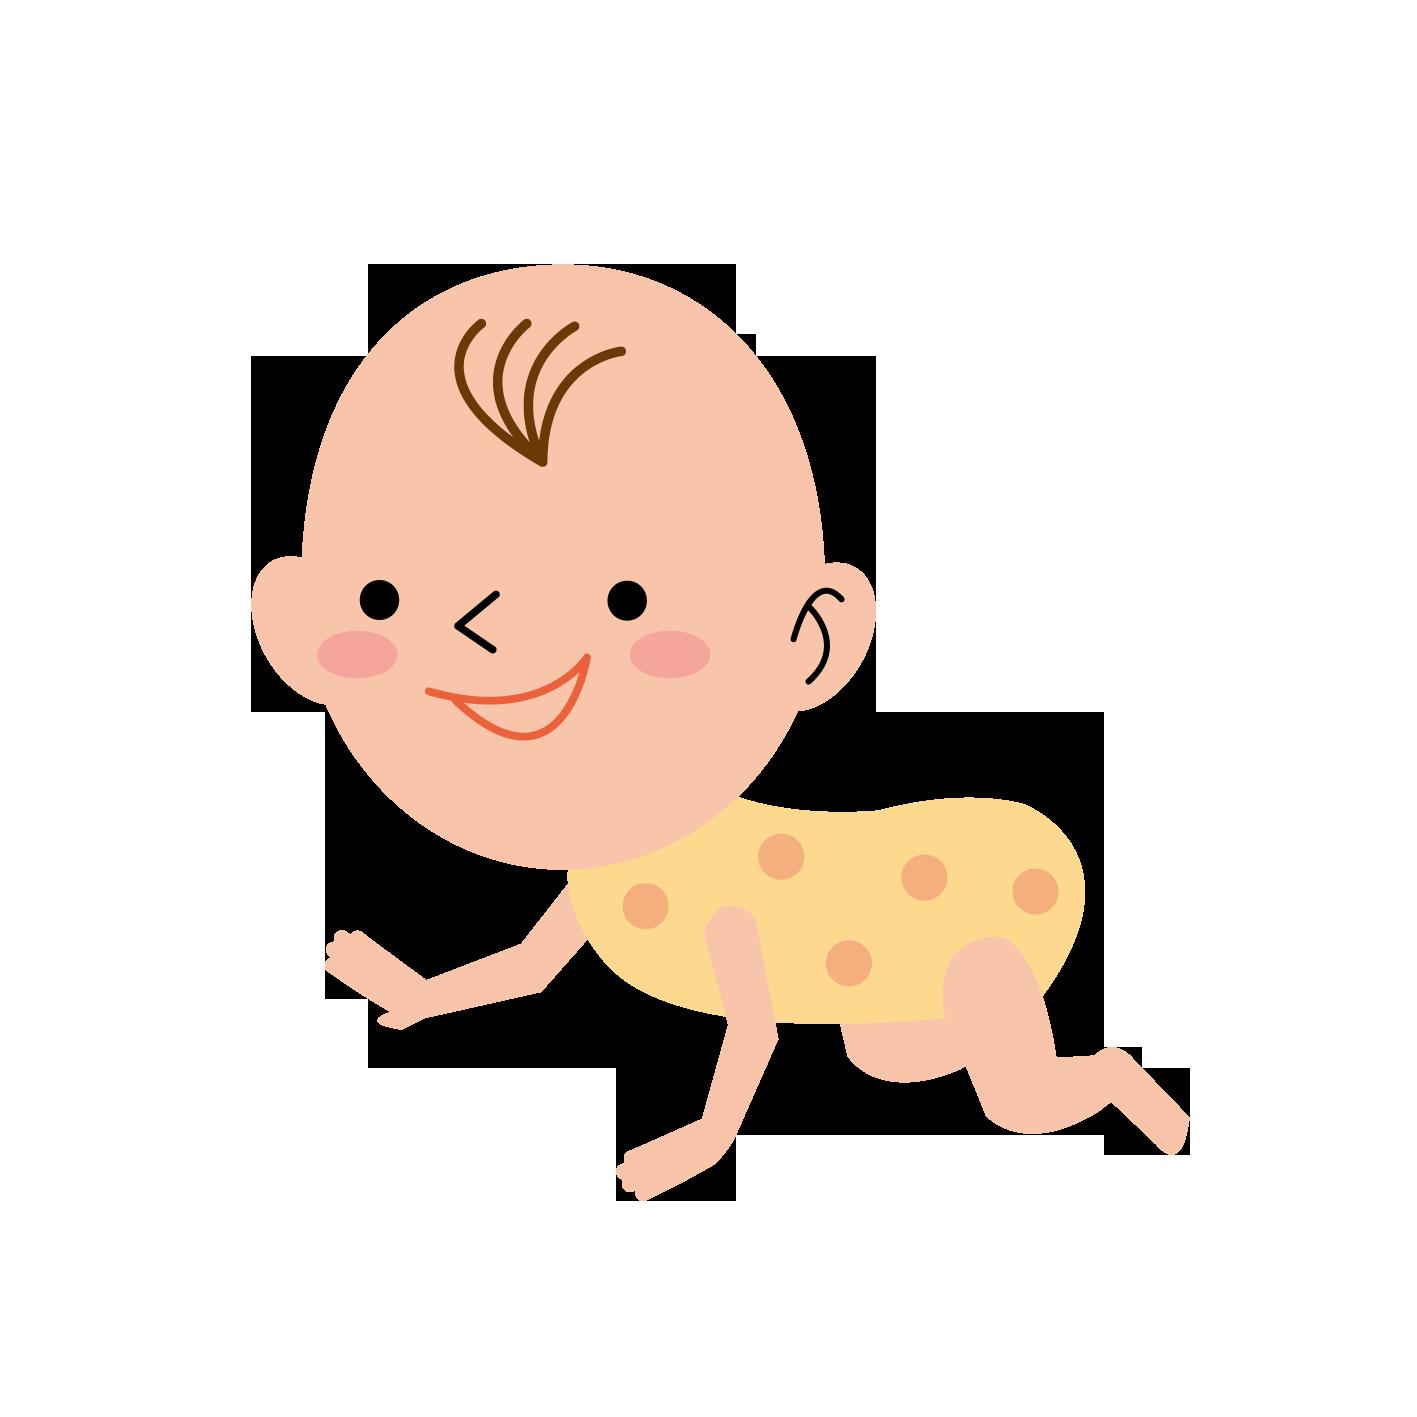 〈無料イラスト素材〉赤ちゃんの表情・ポーズいろいろ